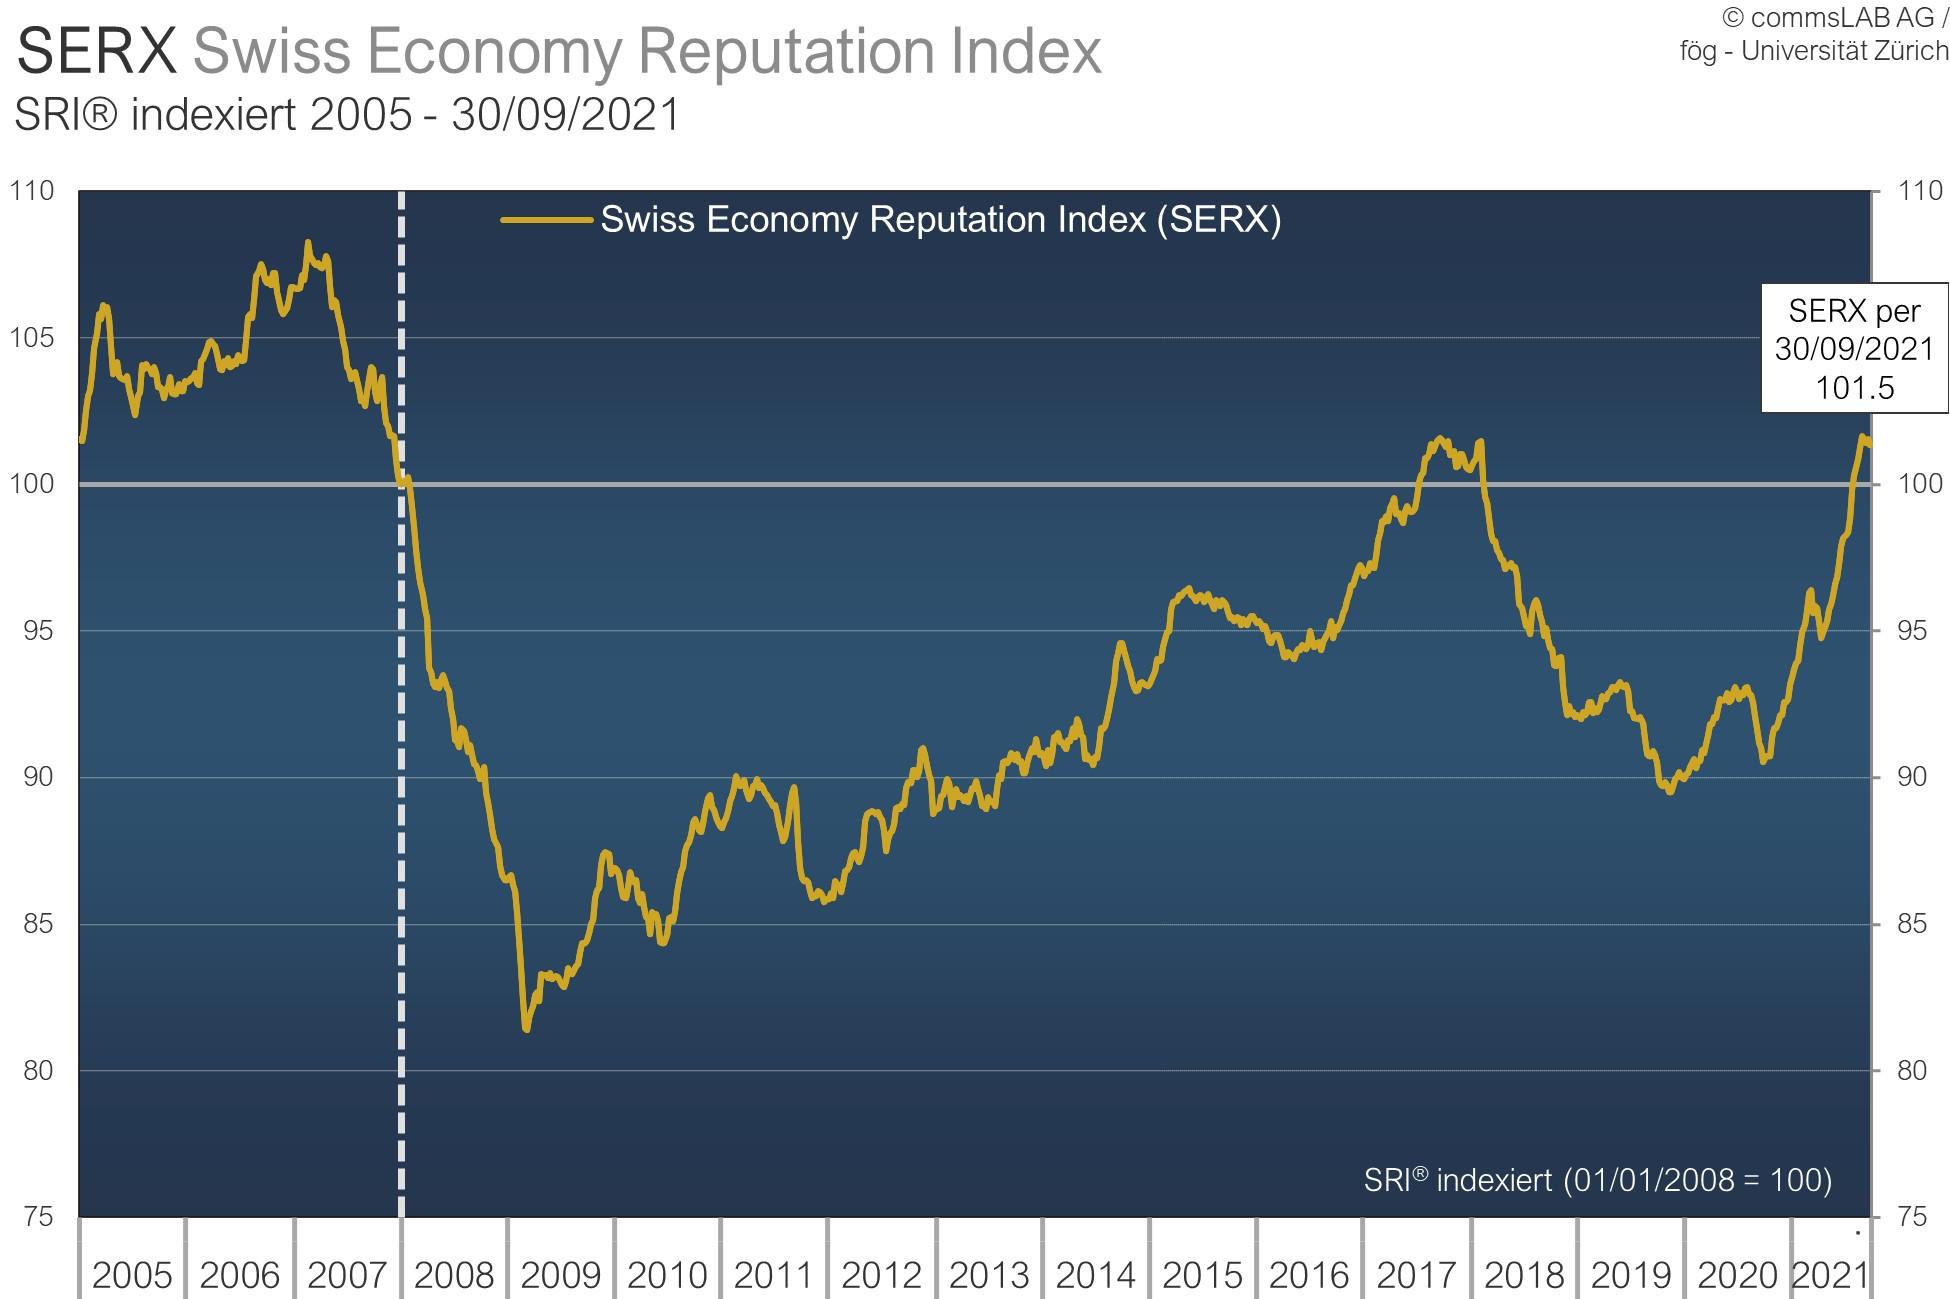 Reputation der Schweizer Wirtschaft auf höchsten Stand seit Februar 2018